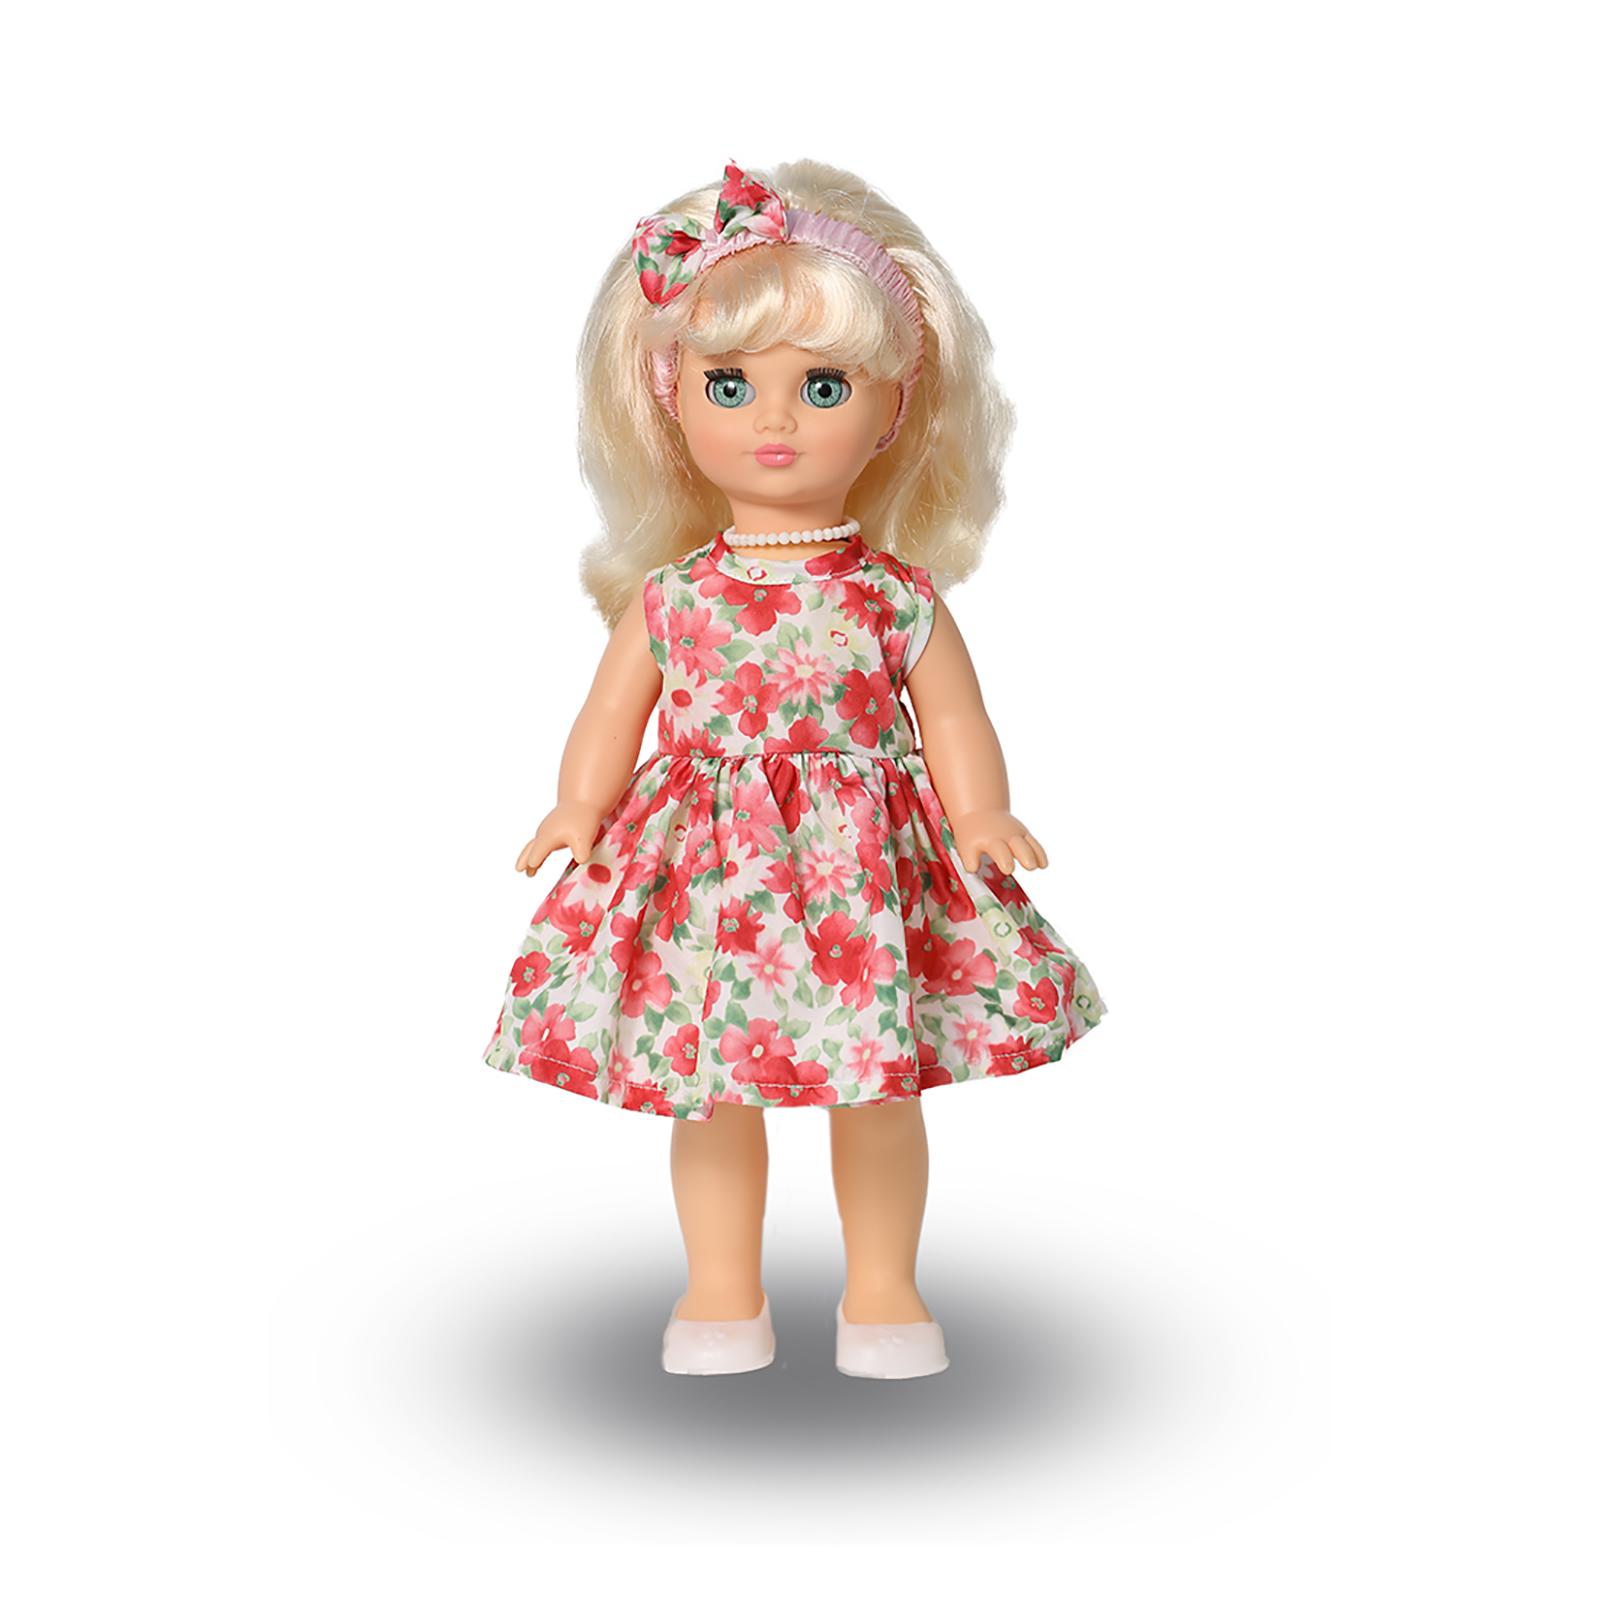 Игрушки и куклы картинки